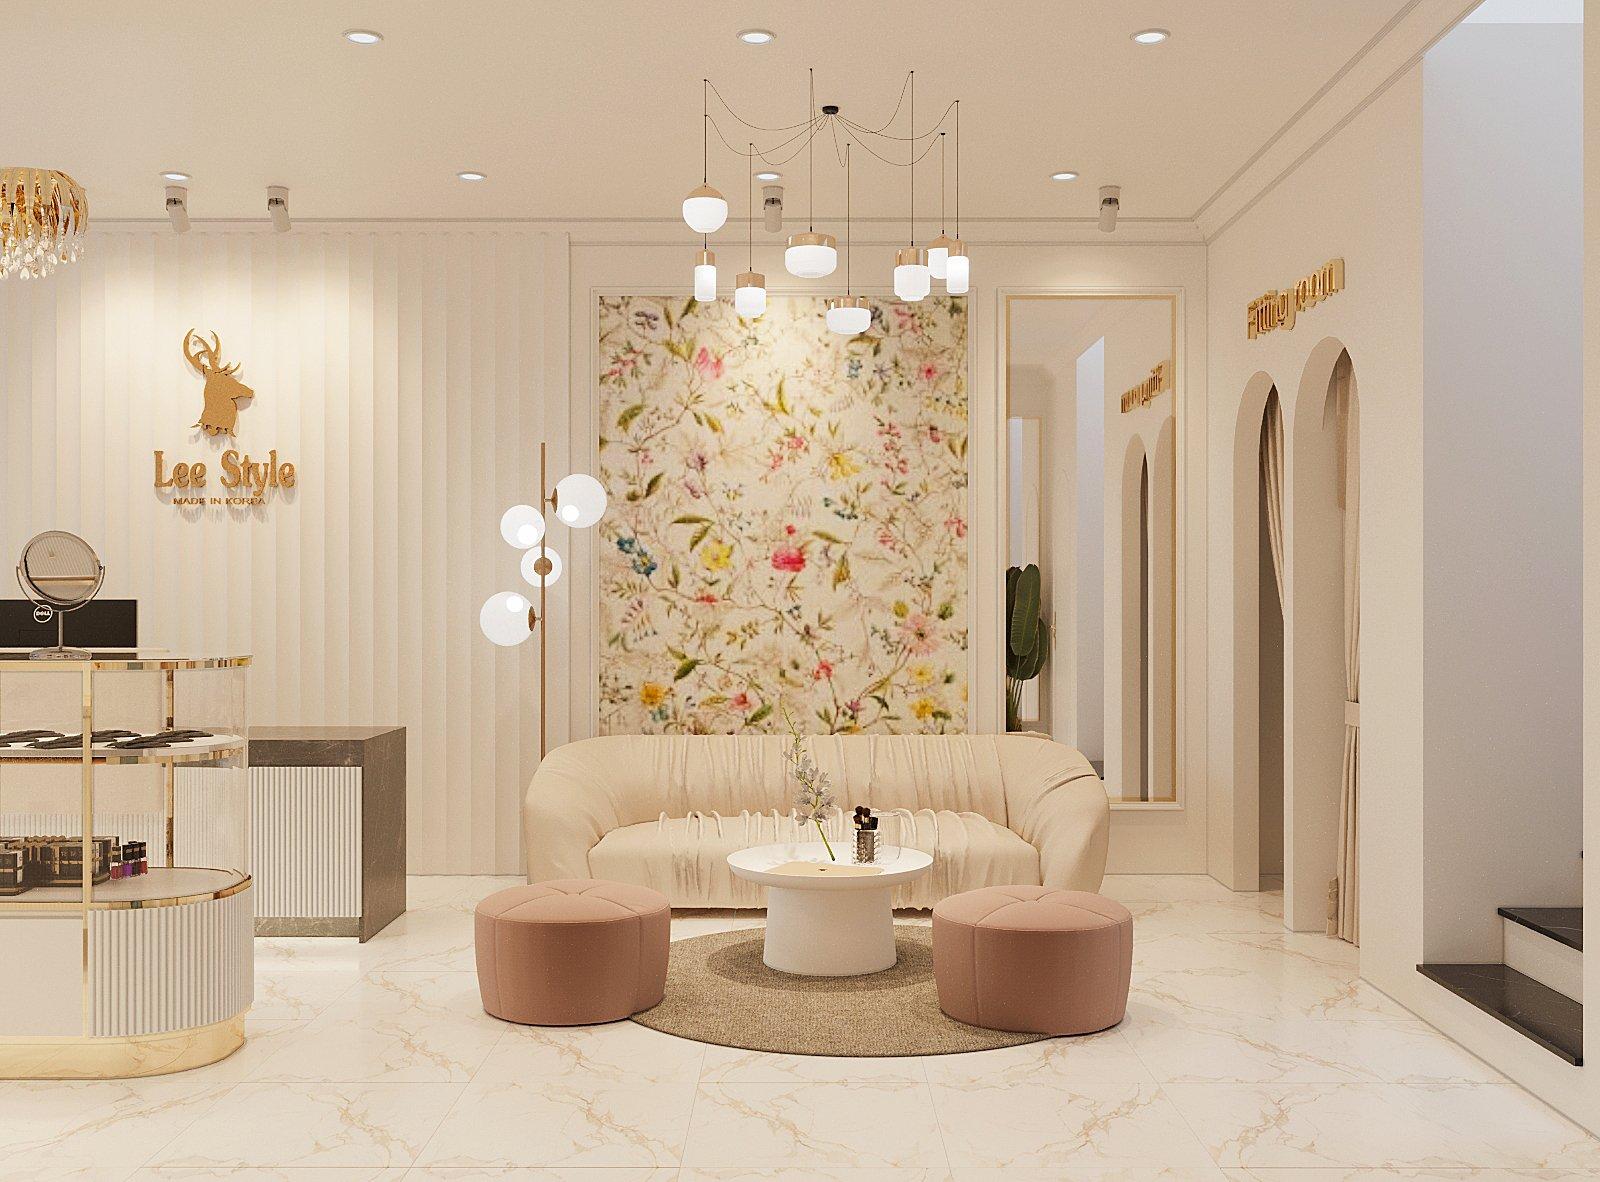 hình ảnh phòng khách với ghế sofa màu be bo tròn mềm mại, hai đôn ngồi màu hồng pastel, tranh tường họa tiết hao lá, chim muông